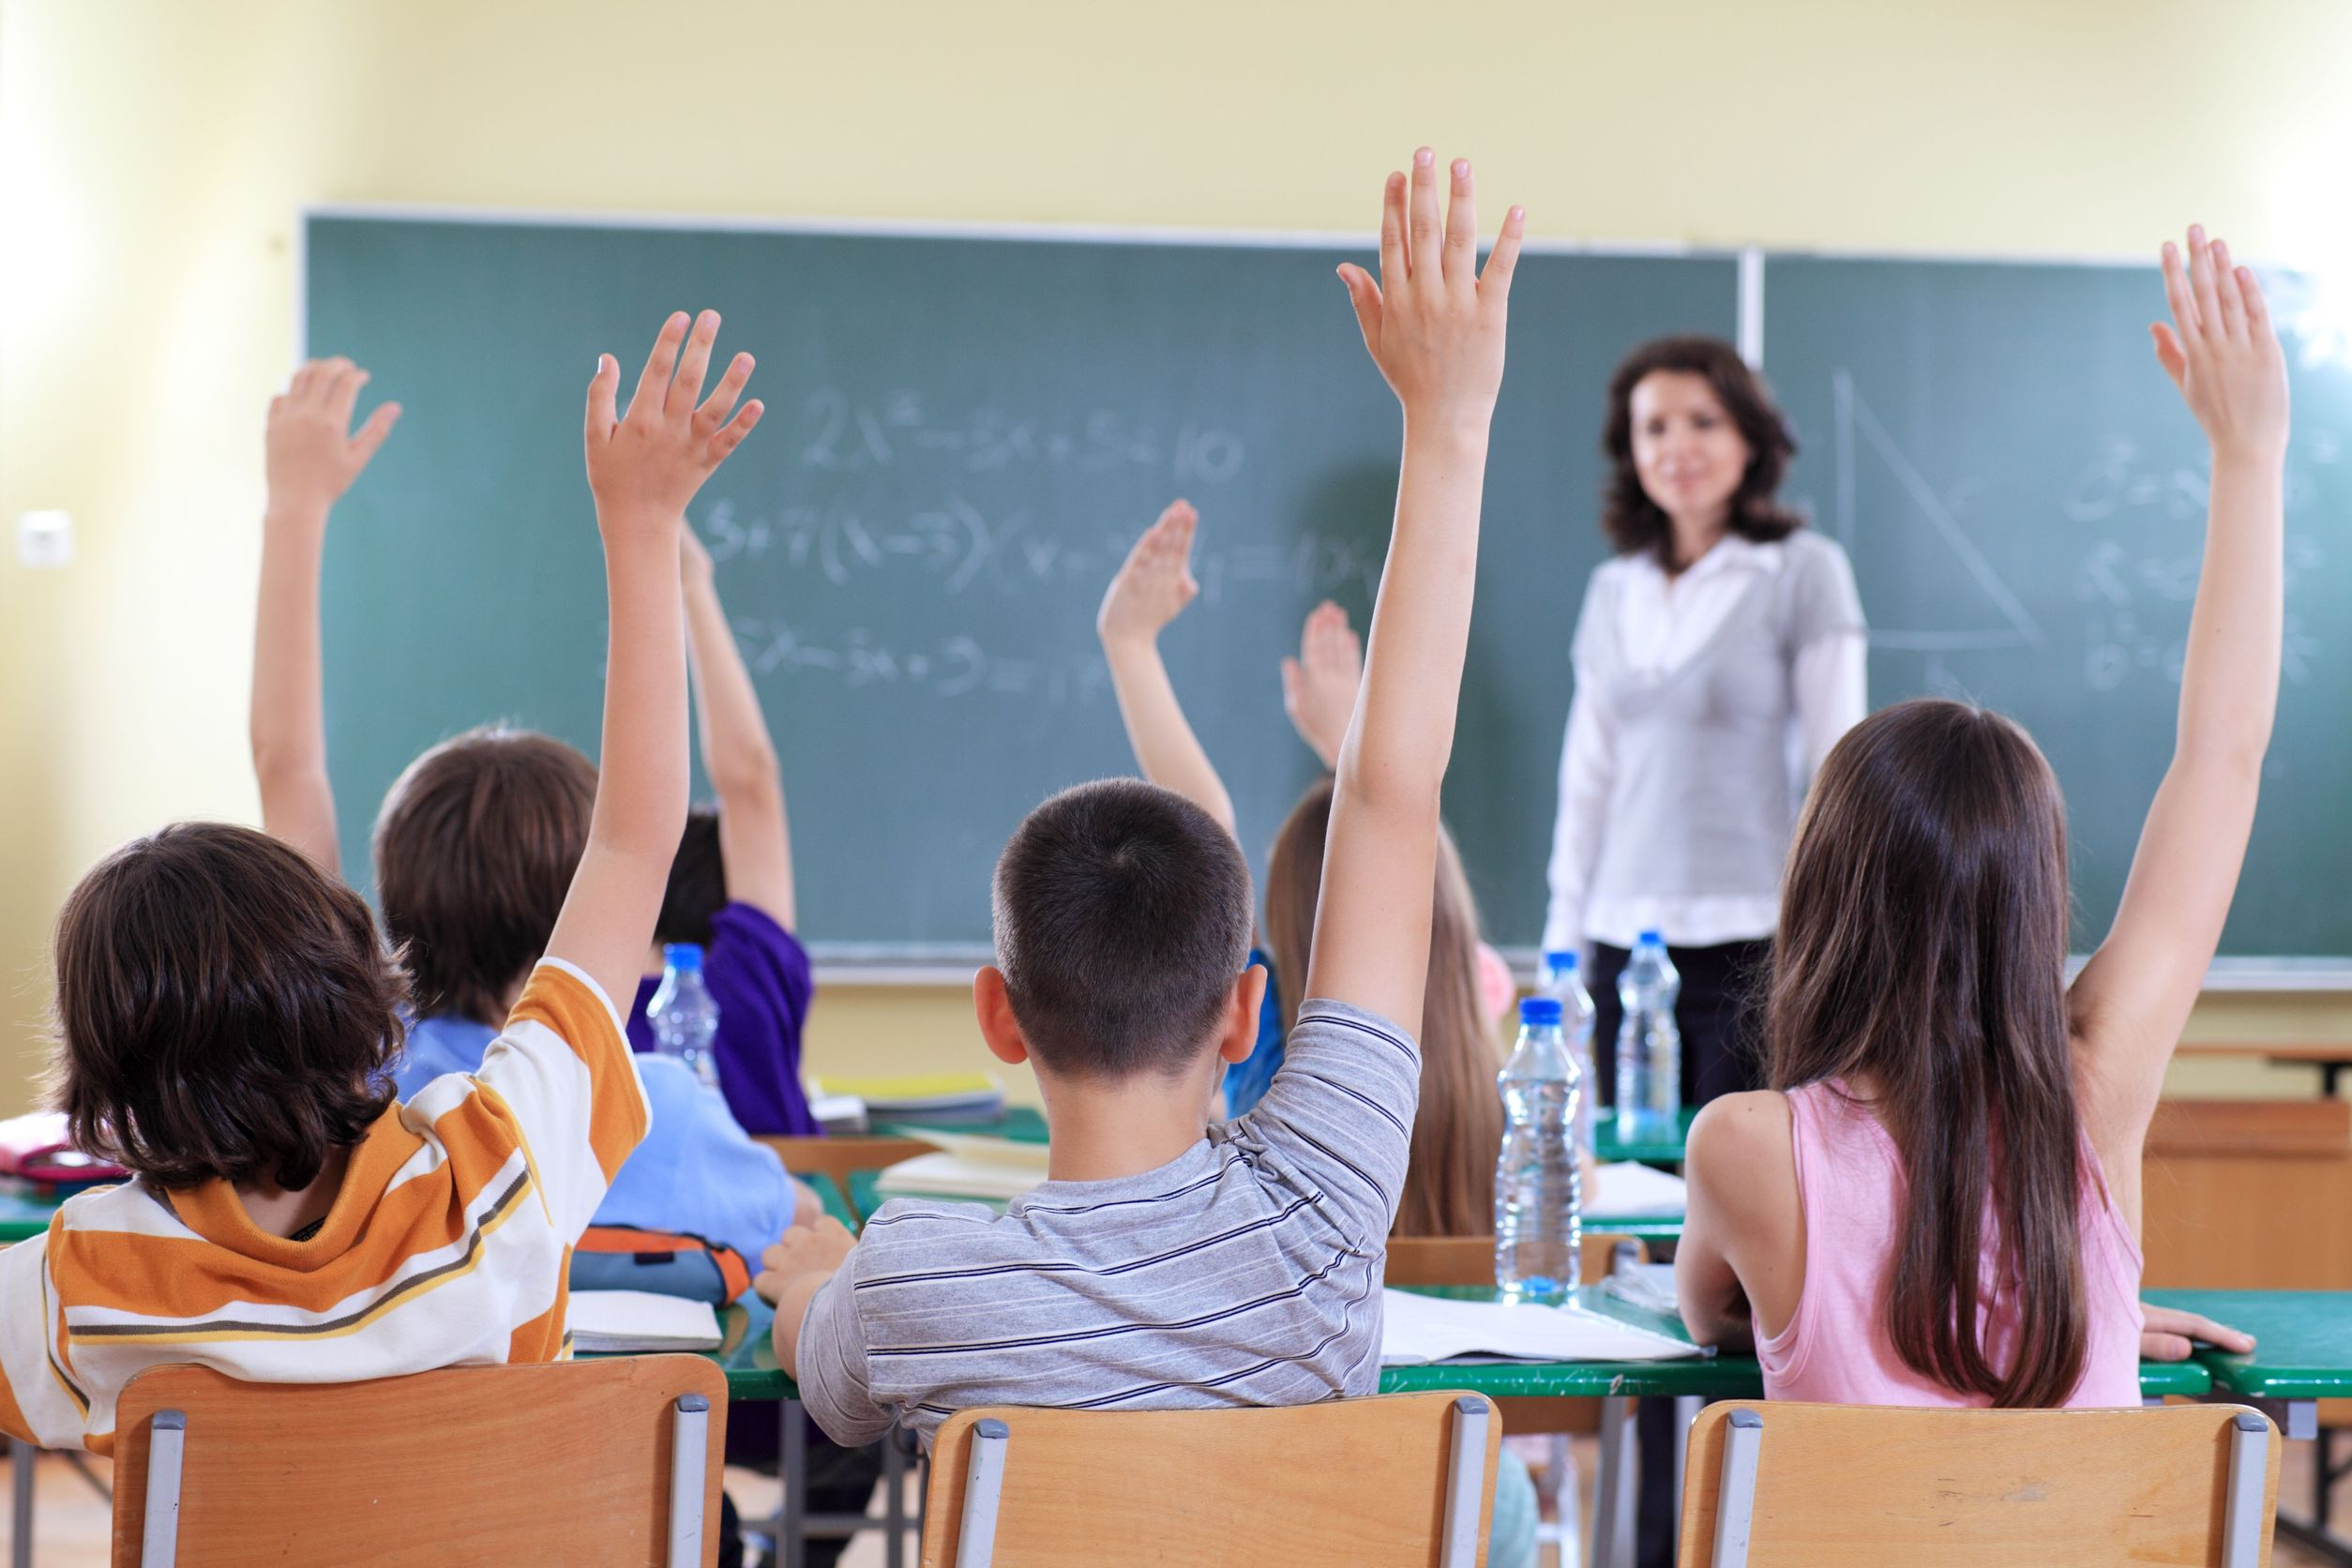 class-raising-hands